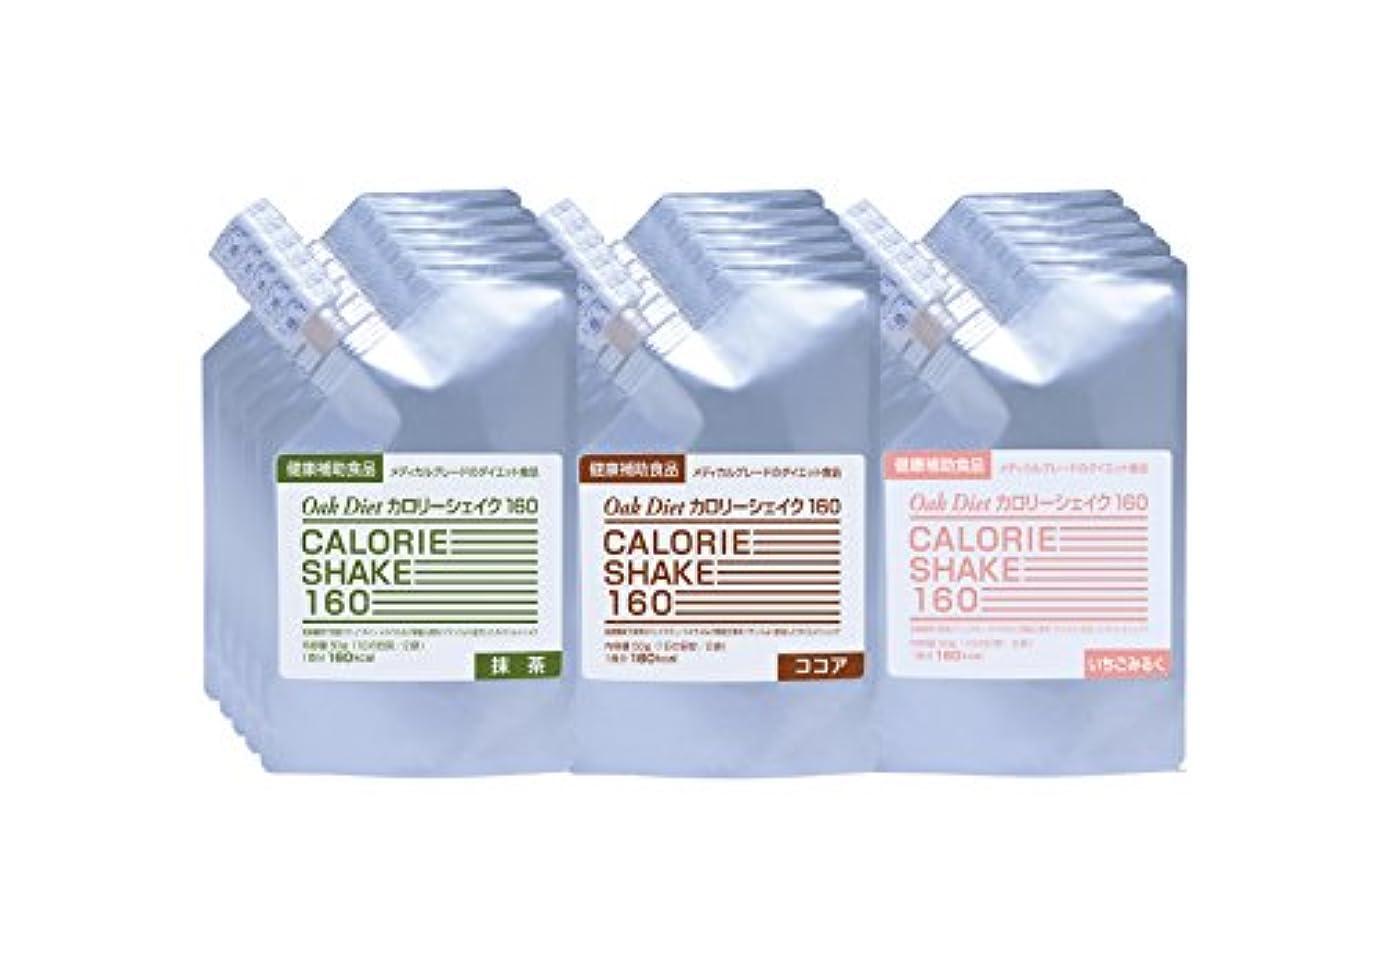 誠意破壊的な寄付Oak Diet カロリーシェイク160 3種類セレクトセット15袋(抹茶?ココア?いちごみるく 各5袋)